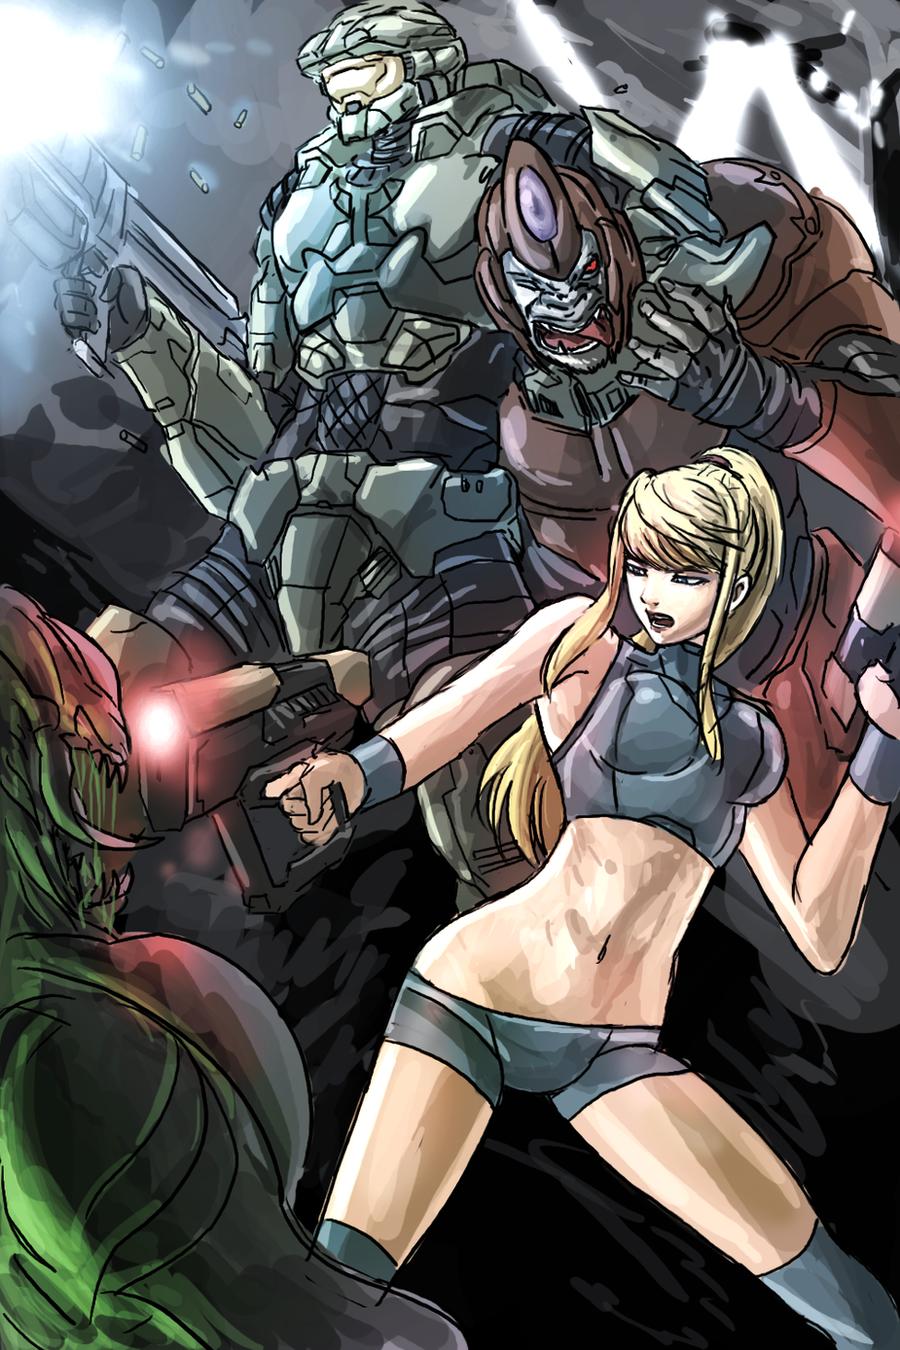 Samus Spartan teamwork by Frost7